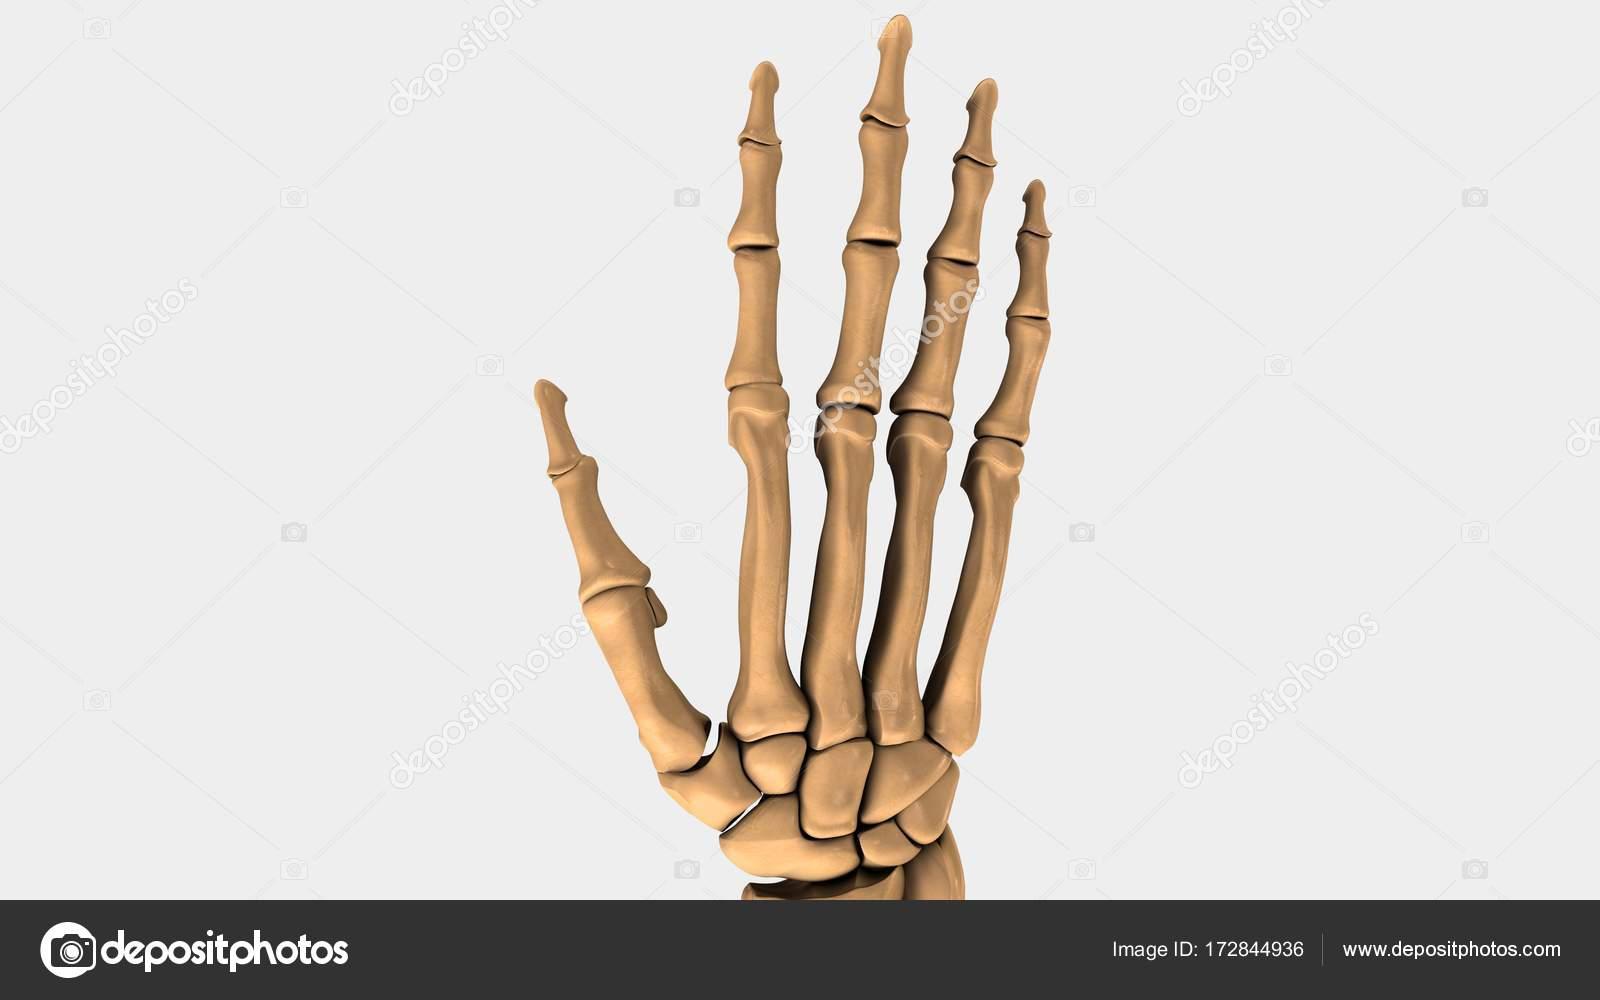 Menschlichen Handgelenk Knochen — Stockfoto © sciencepics #172844936